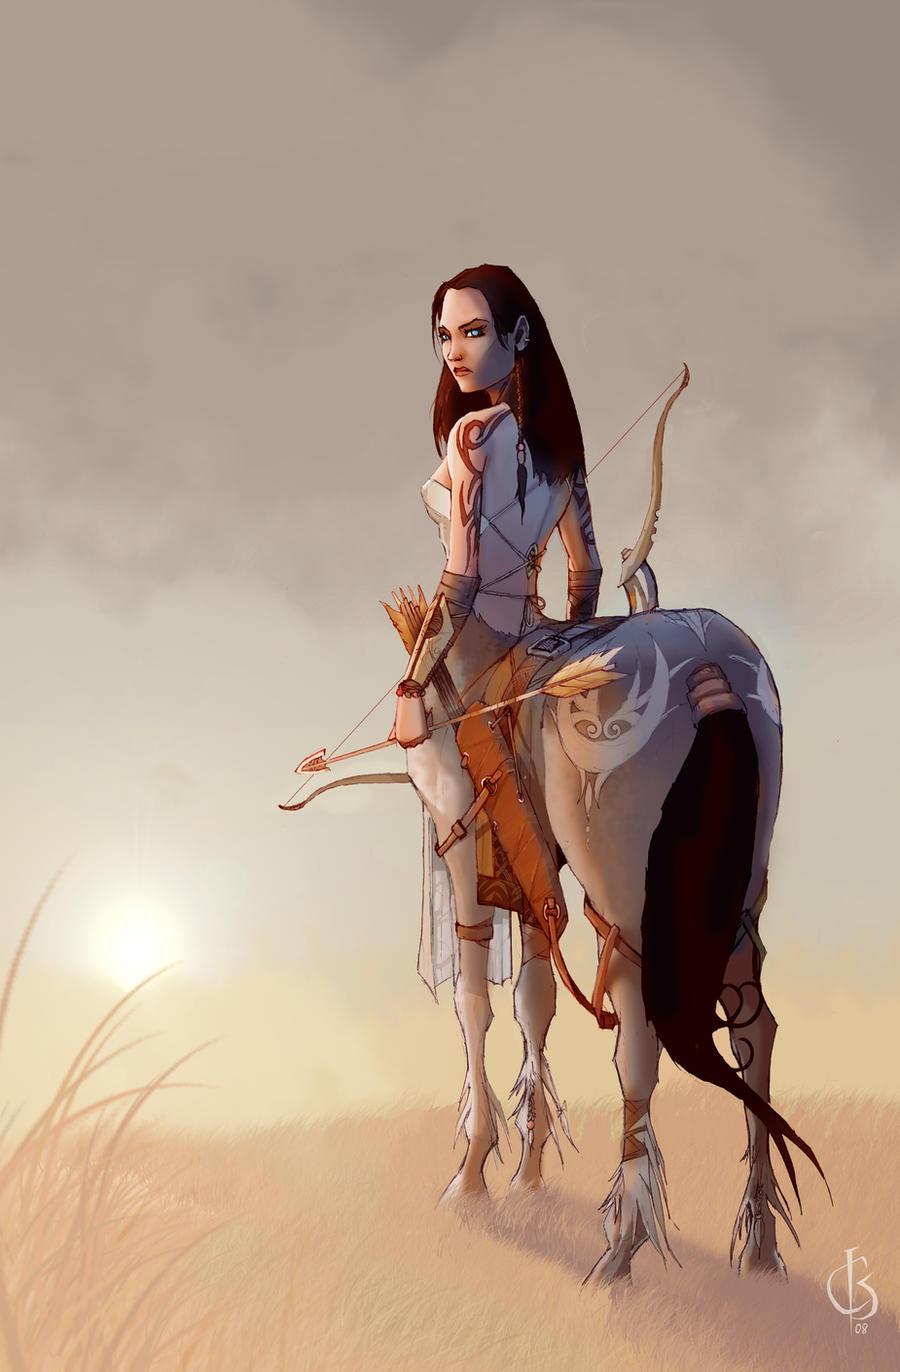 Centauress by xiwik